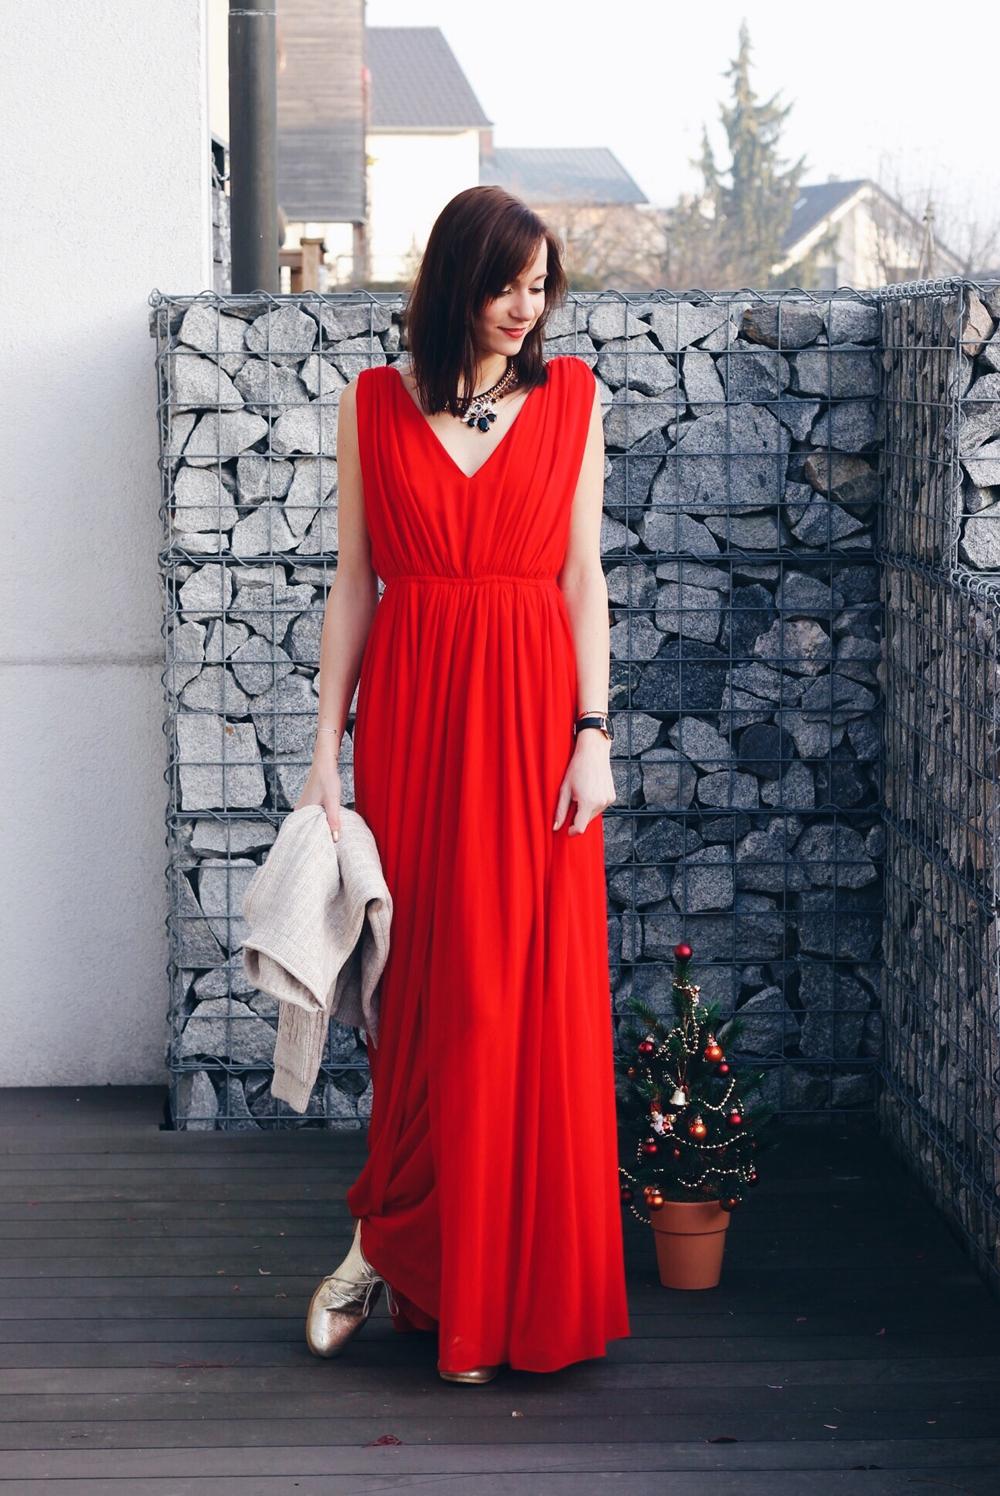 7wtw-Red-Suechtig-nach-Lifestyleblog-Fashionblog-Foodblog-Oberoesterreich-Linz-08